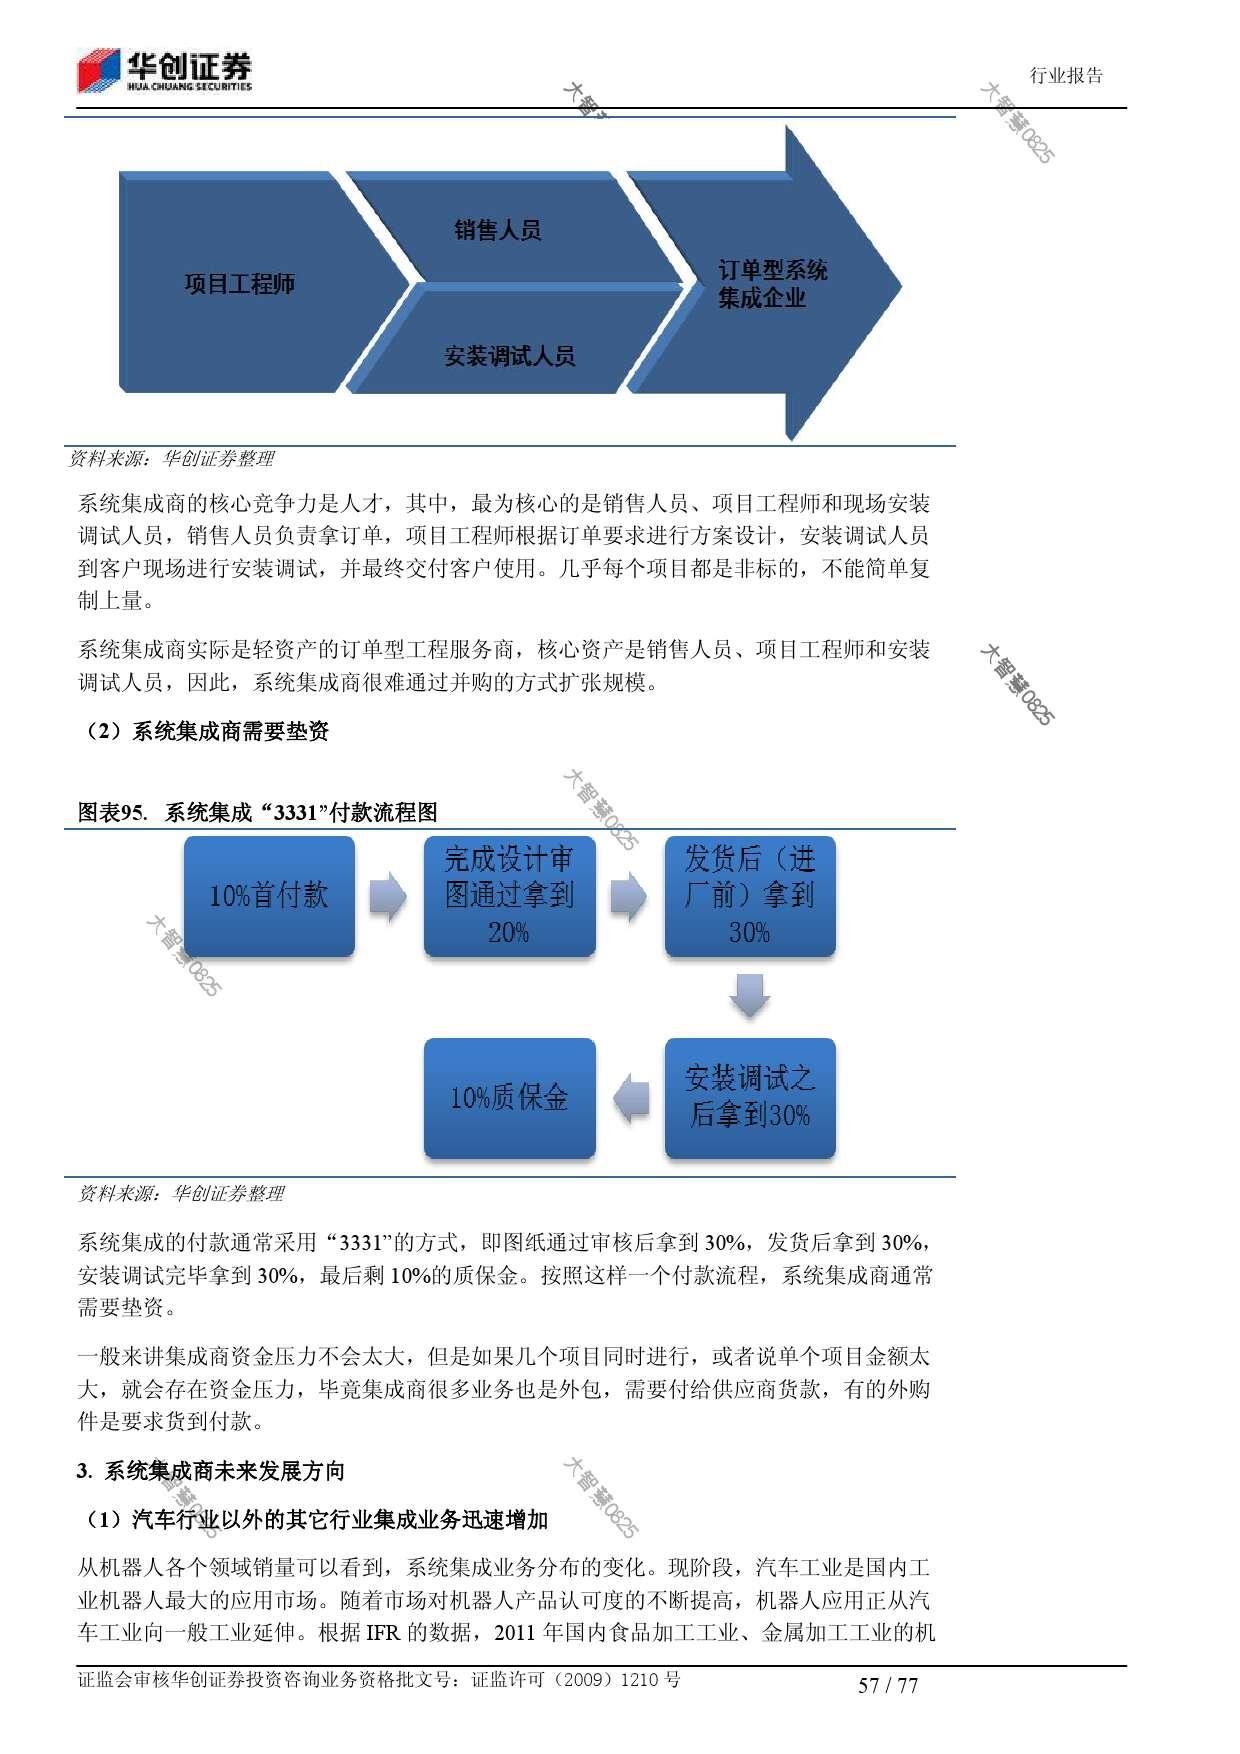 行业研究_华创证券_刘国清,鲁佩_机械设备:机器人大趋势_2014021_000057